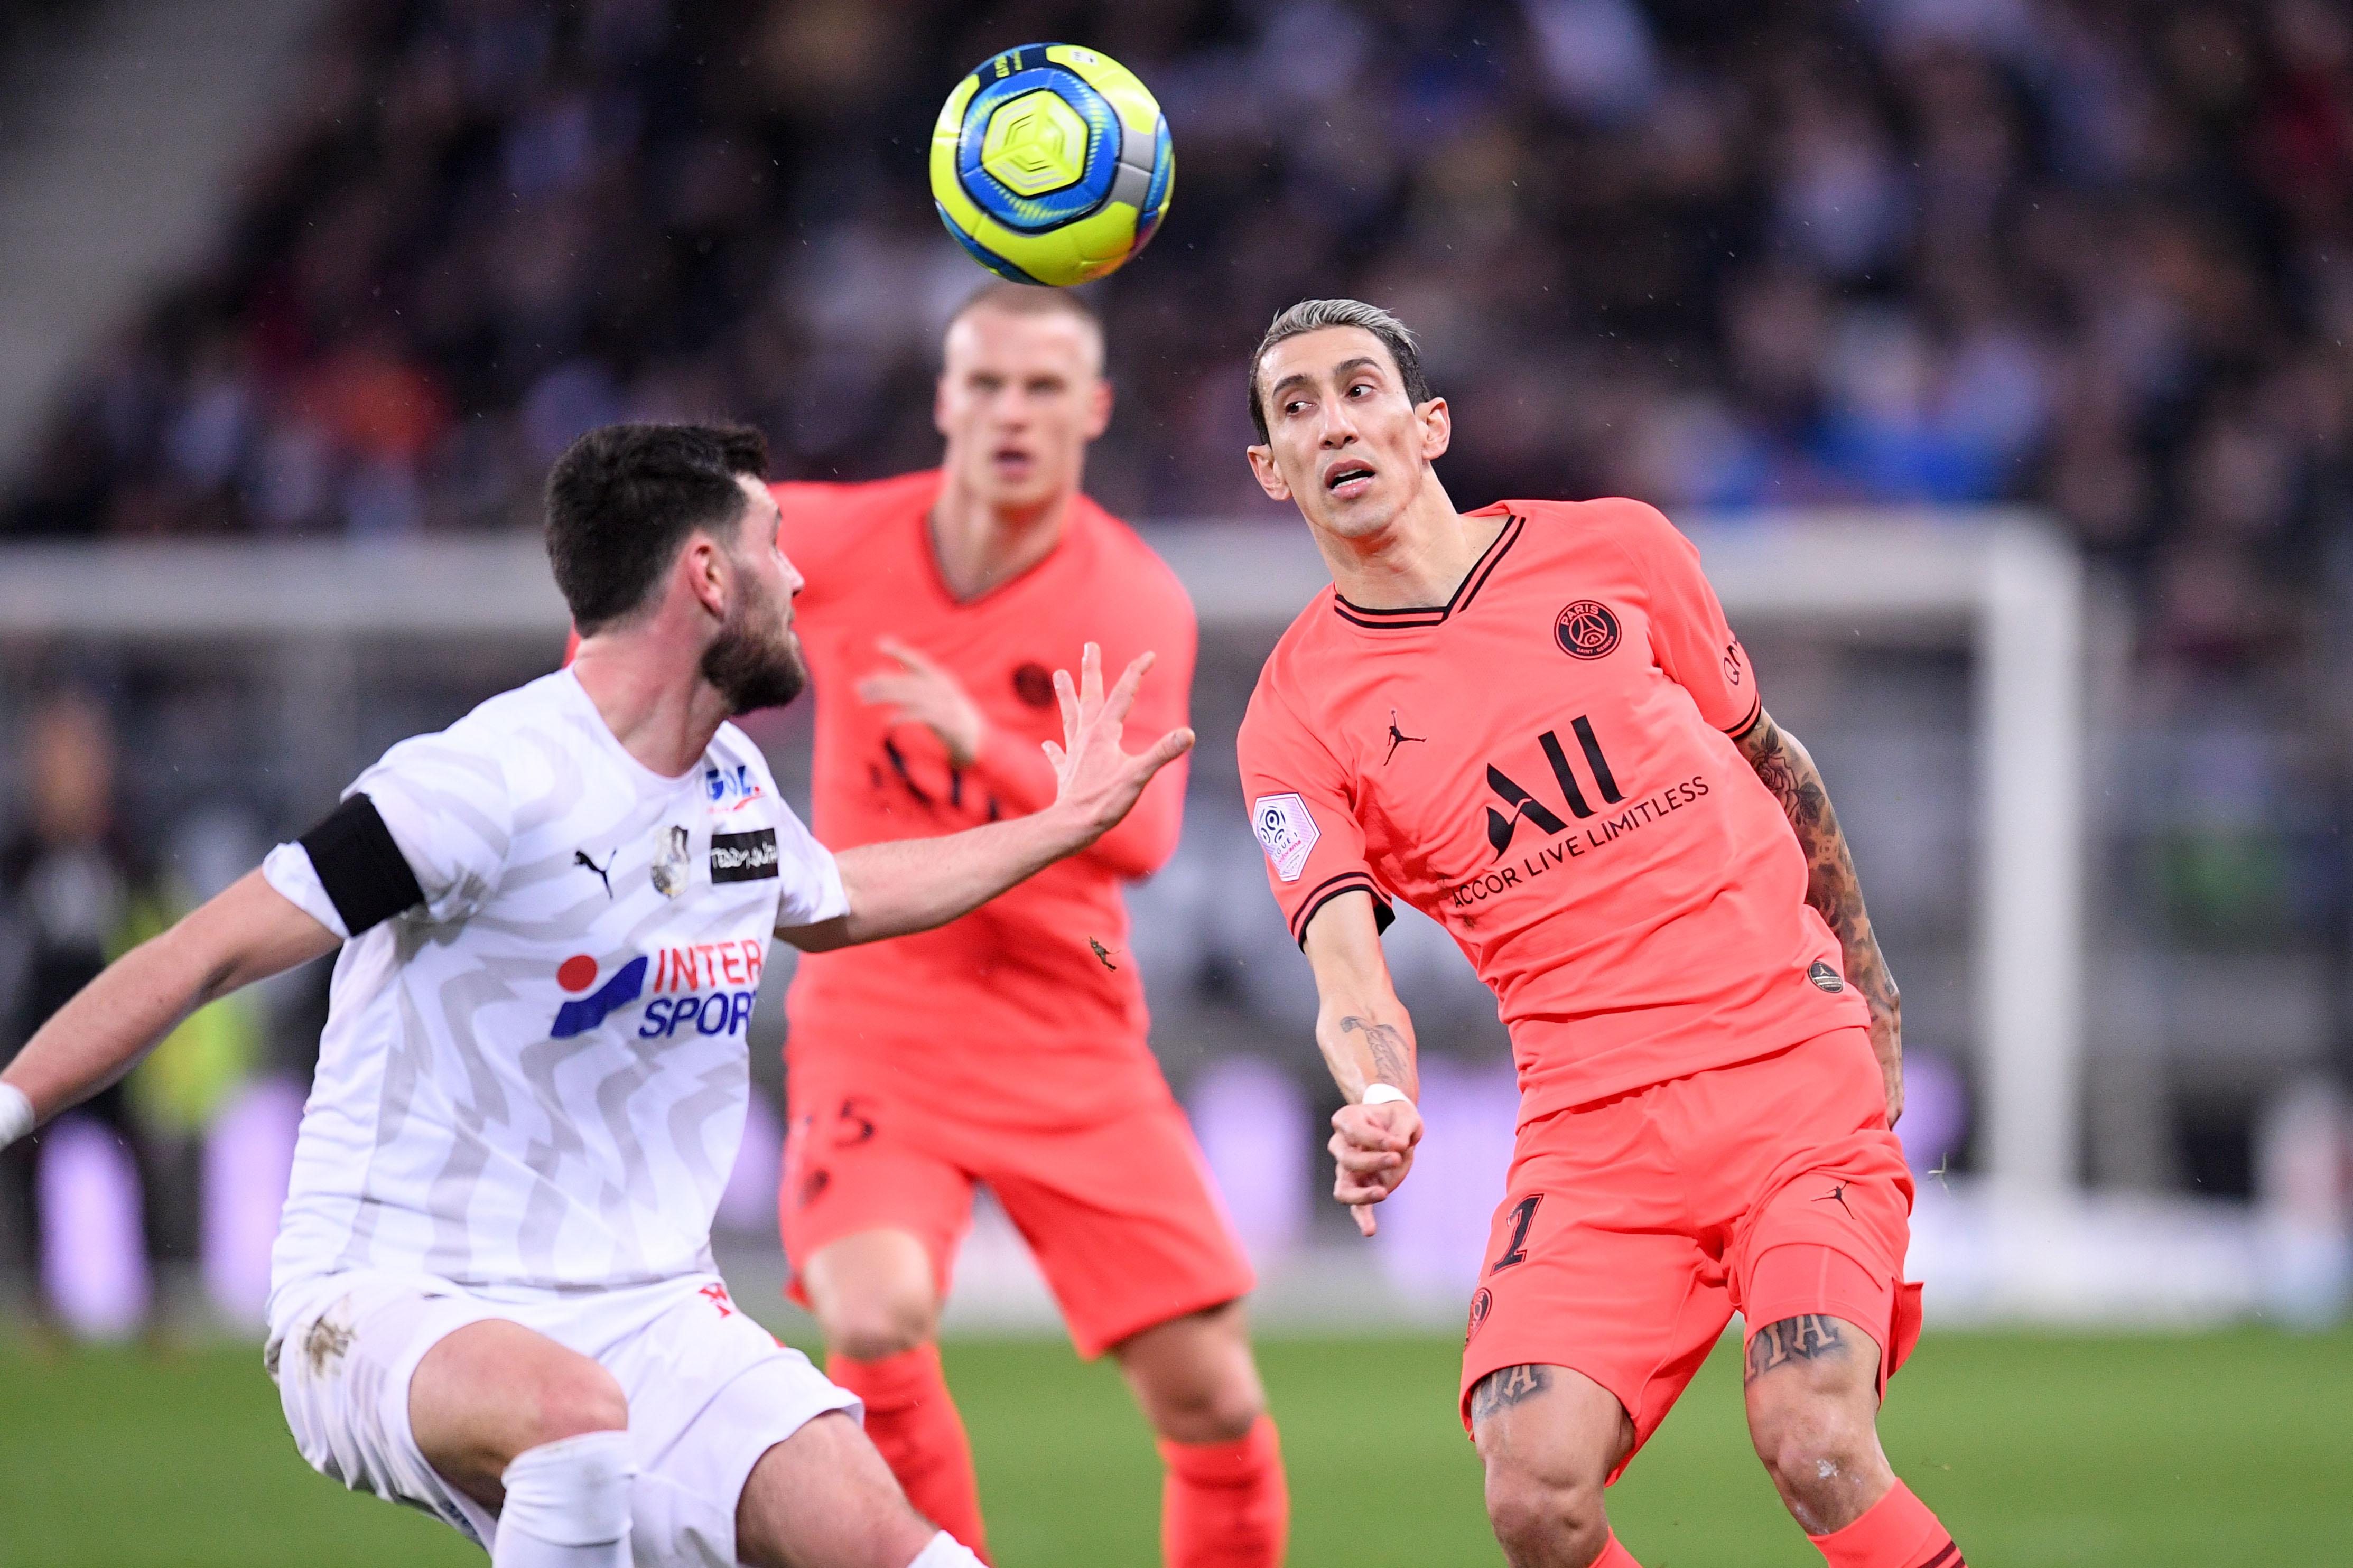 Football - Ligue 1 - Le PSG serein avant Dortmund malgré une dernière répétition ratée